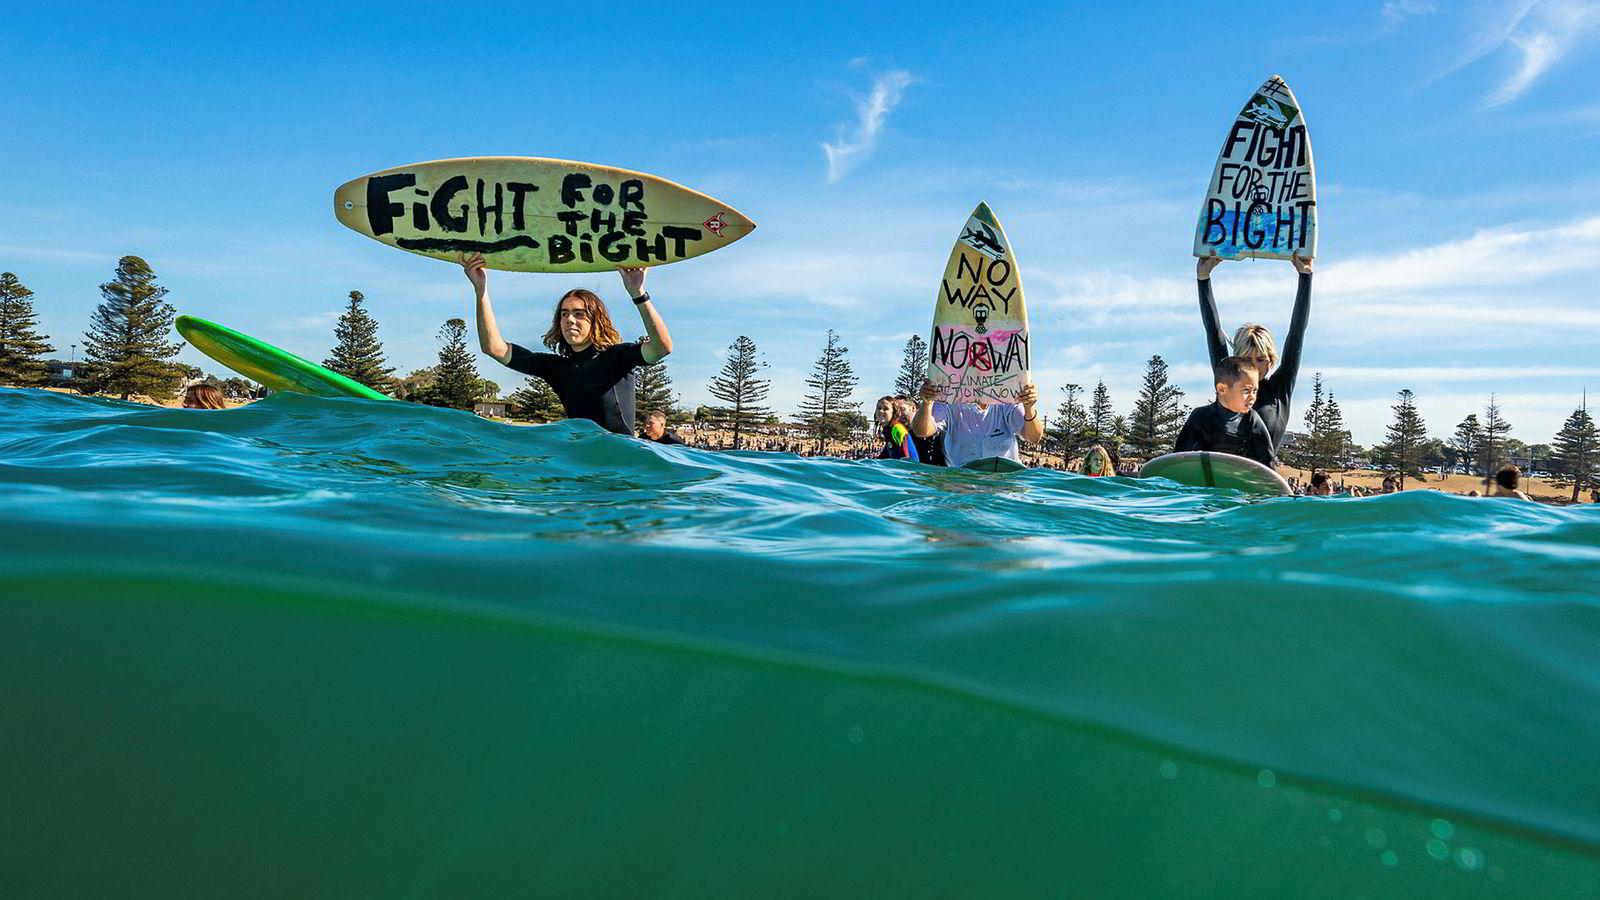 Surfere i byen Torquay i Victoria demonstrerer mot Equinors planer om oljeleting i Australbukta 20. april i år. Den siste tiden har surfere flere steder langs kysten av det sørlige Australia markert sin motstand mot leteplanene.